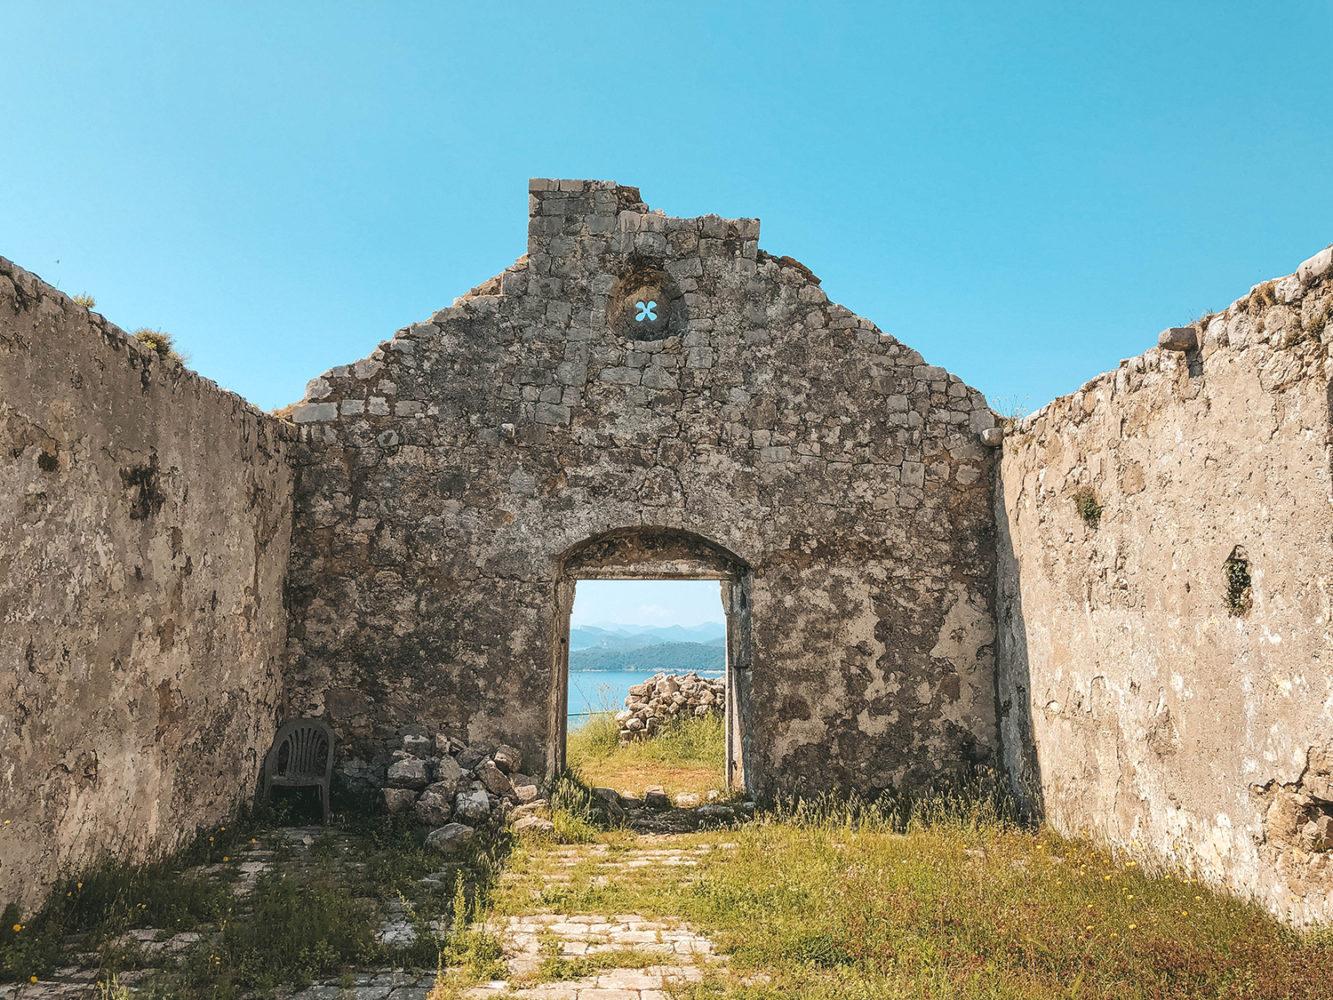 La petite chapelle en ruine sur les hauteurs de l'île